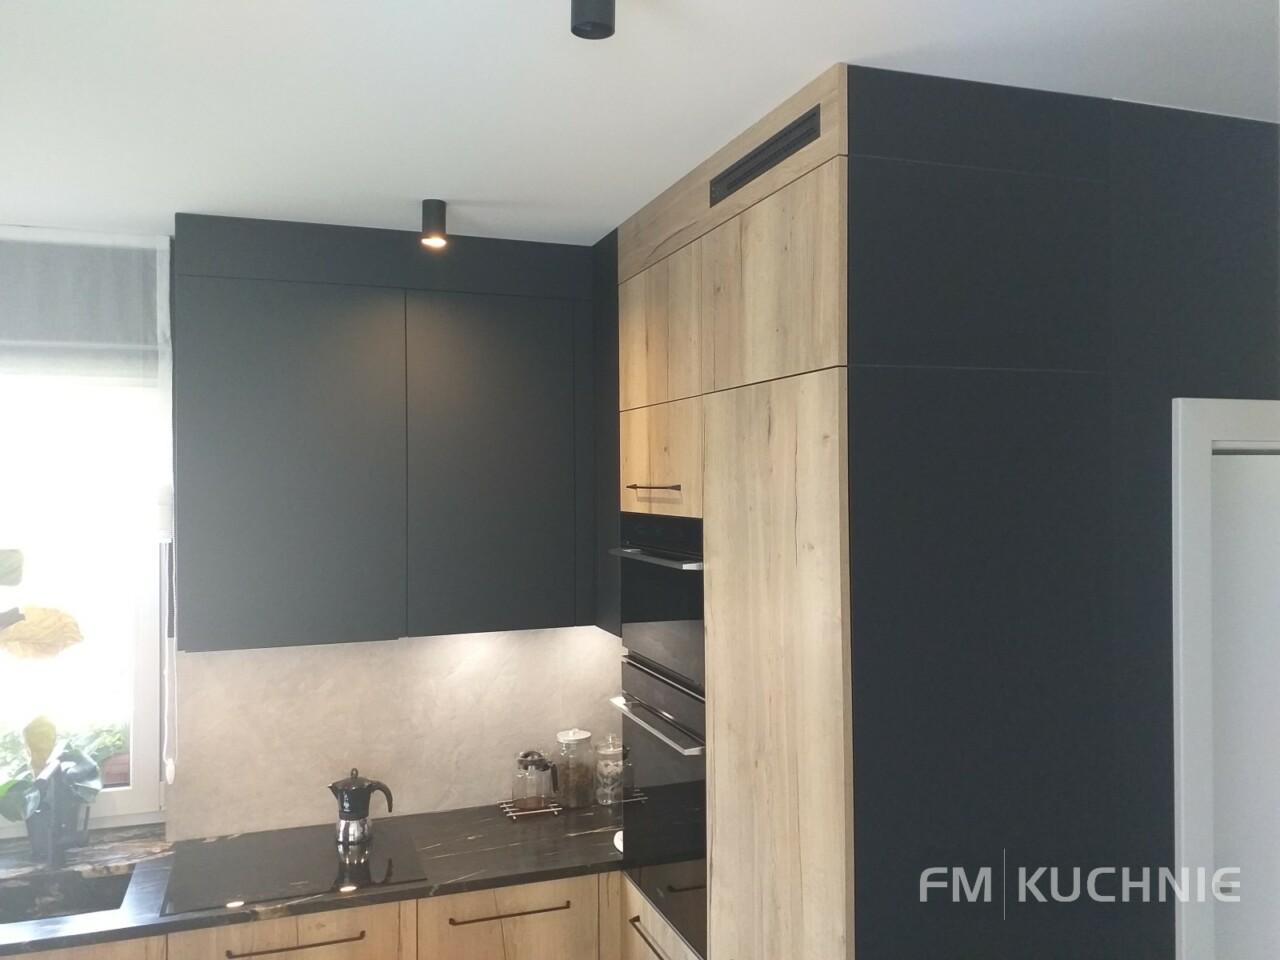 Kuchnia na wymiar WFM Punto dąb halifax P79F w połączeniu z Raso czarny mat P76F z tradycyjnymi uchwytami - Meble kuchenne Kraków -7- FM KUCHNIE Kraków